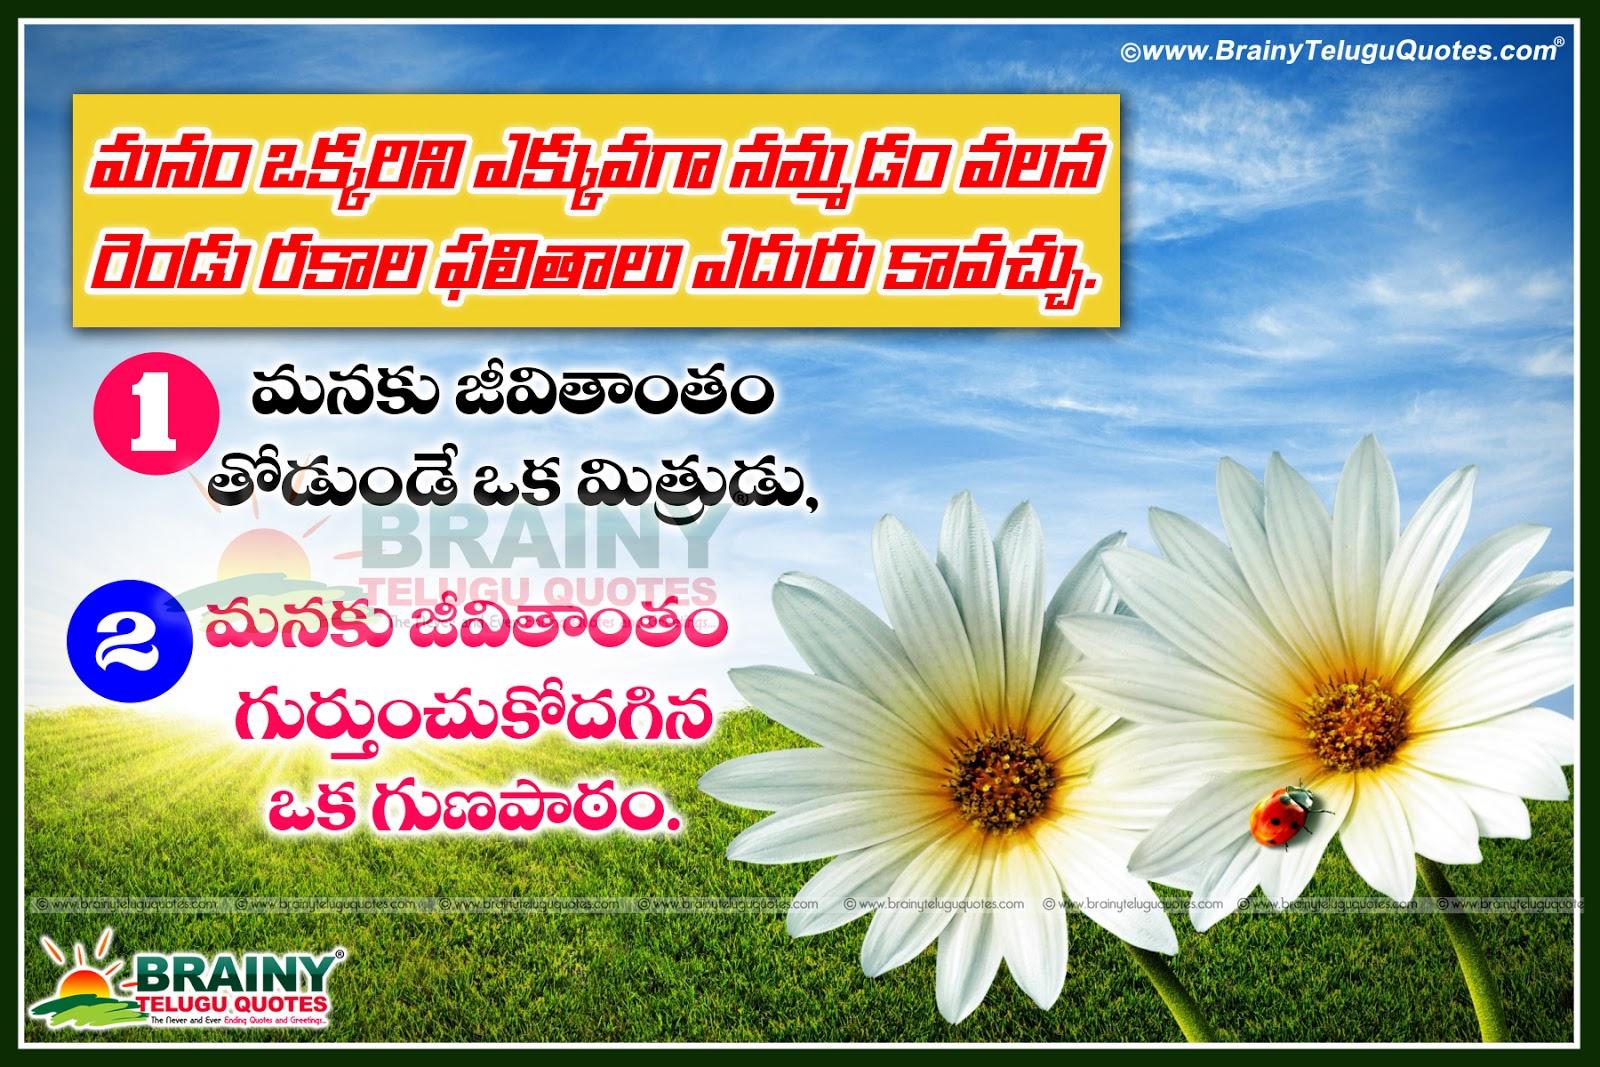 Inspirational Thoughts About Life Telugu Top 10 Sukthulu  Brainyteluguquotestelugu Quotes